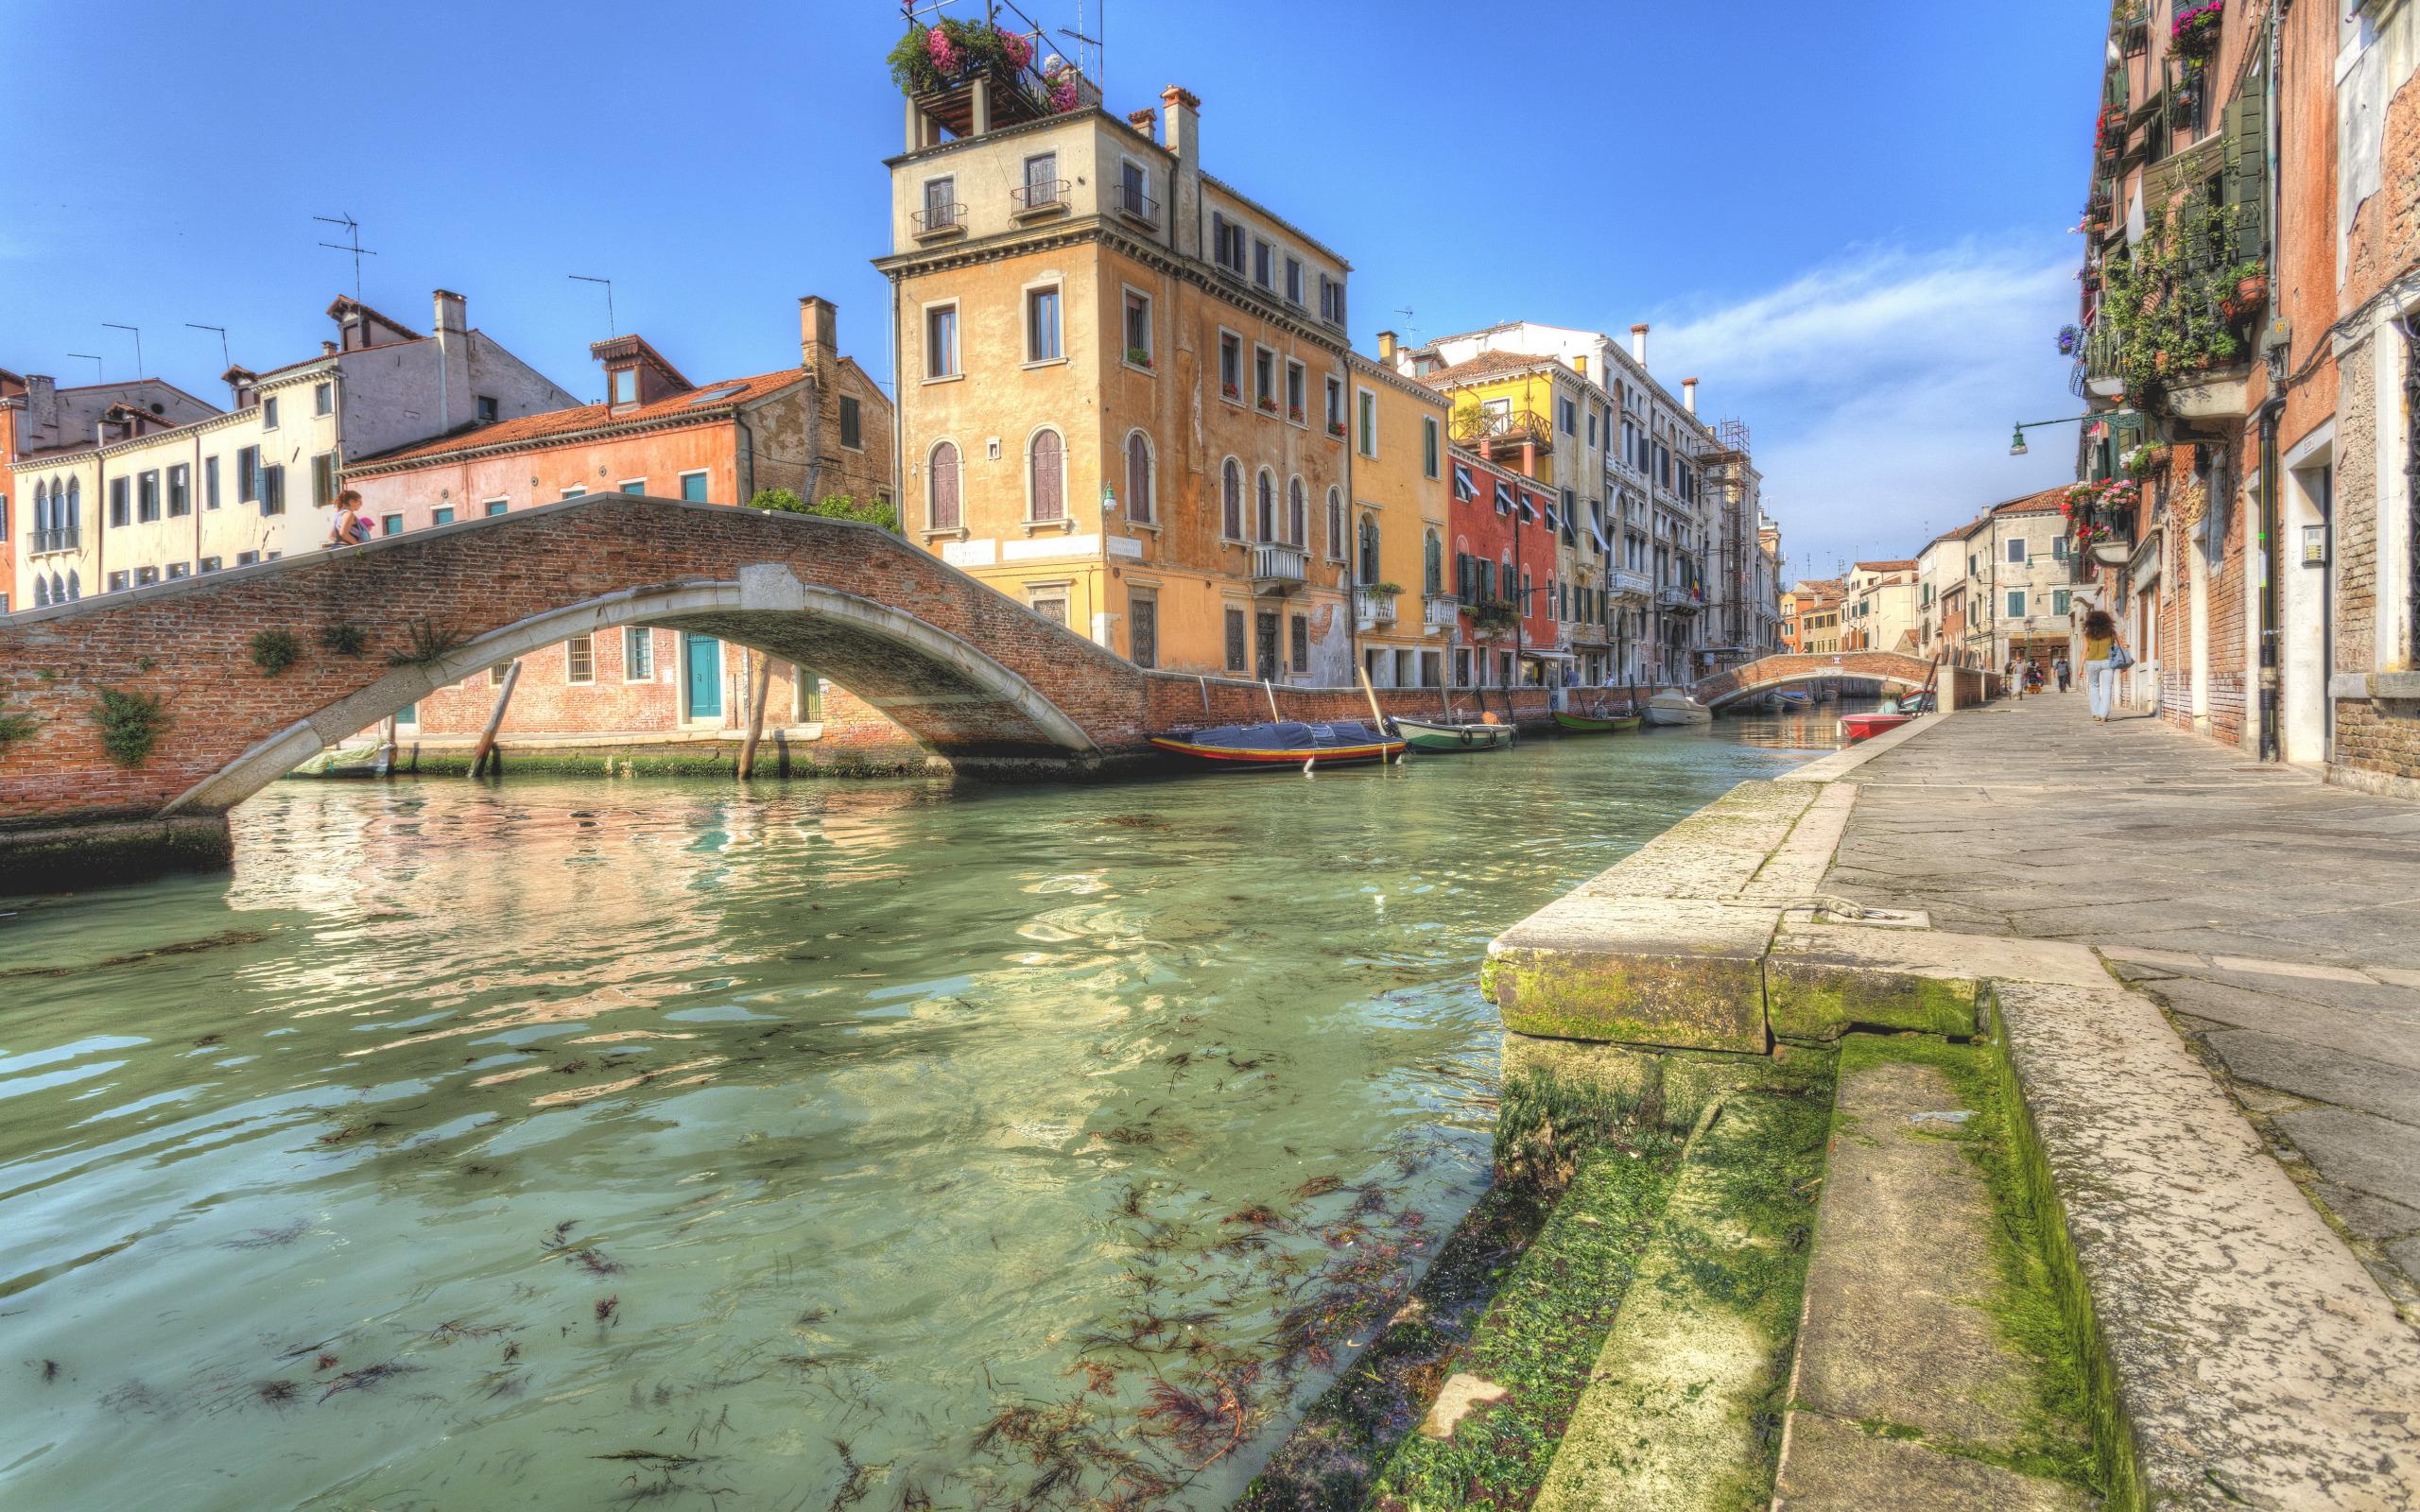 Обои канал, лодки, венеция, мосты, дома, улицы. Города foto 6